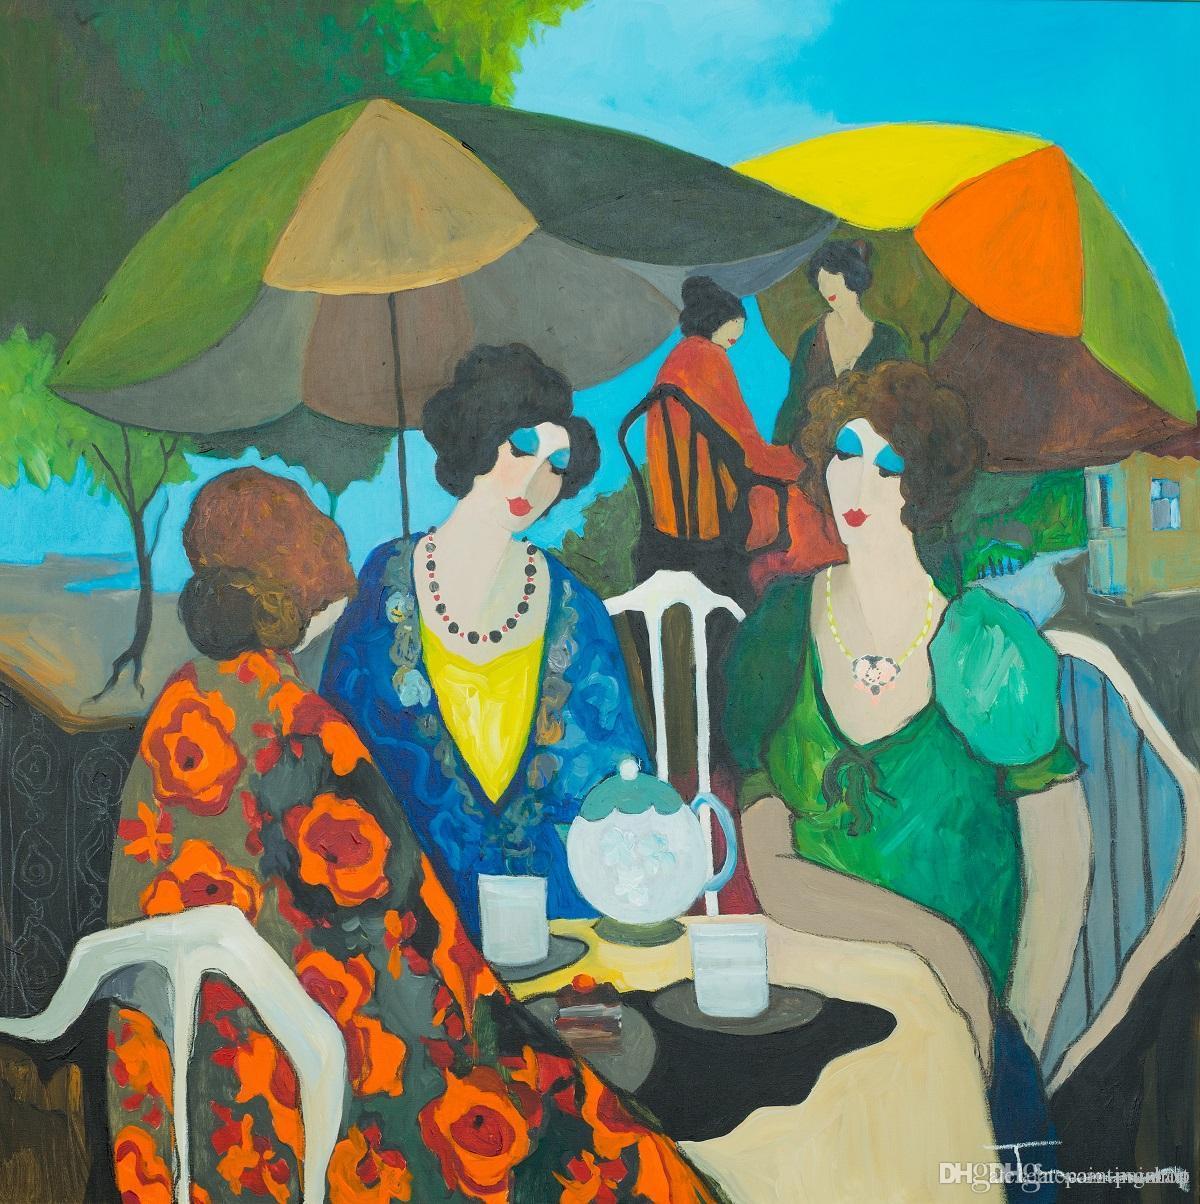 Itzchak Tarkay Figuration Accueil Oeuvres Senhora moderne Portrait peinture à l'huile sur toile et Convex Texture Concave IT149